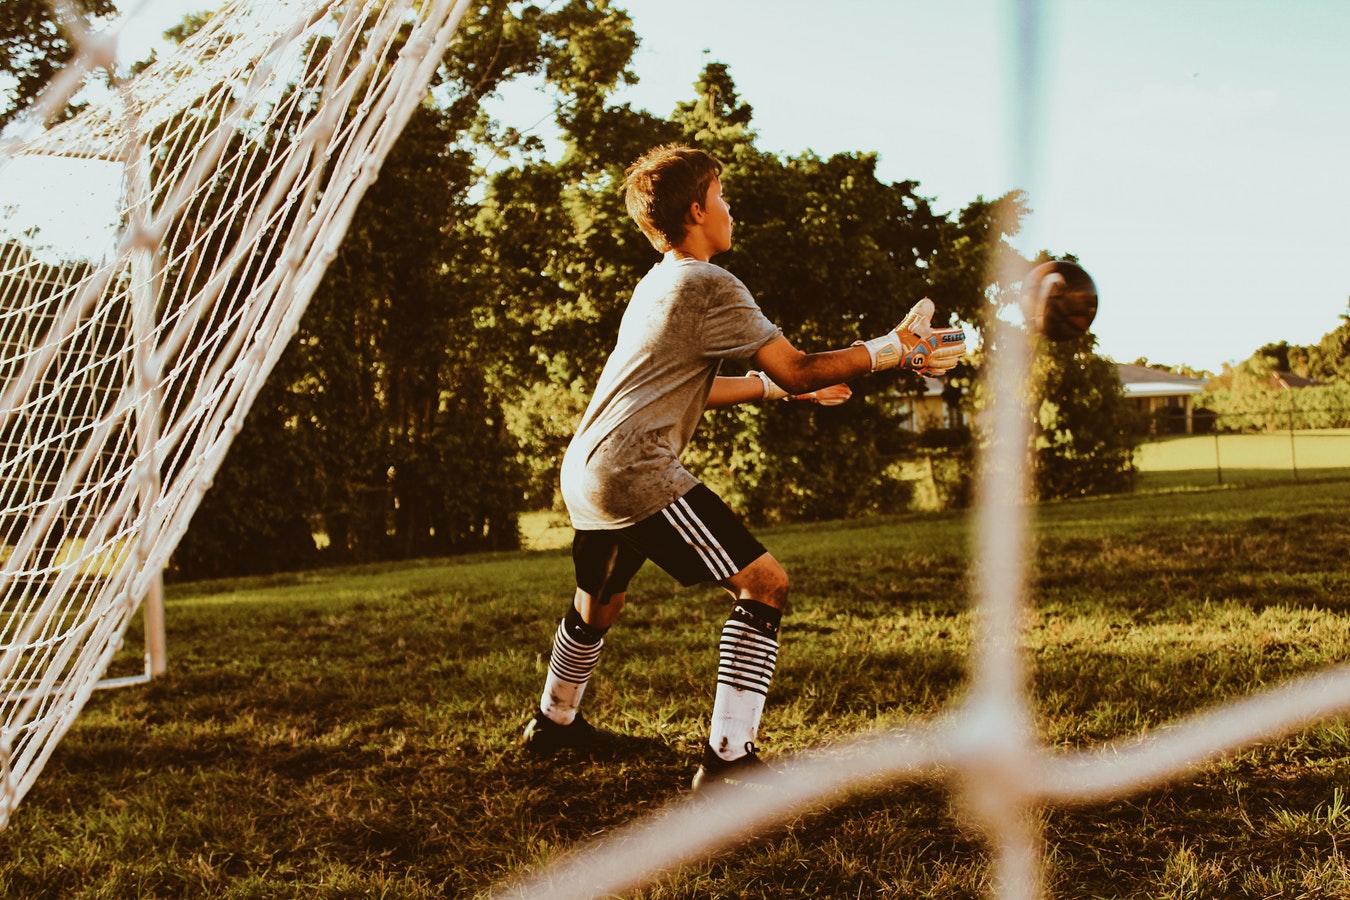 Soccer Goalie (Unsplash-Baylee Gramling